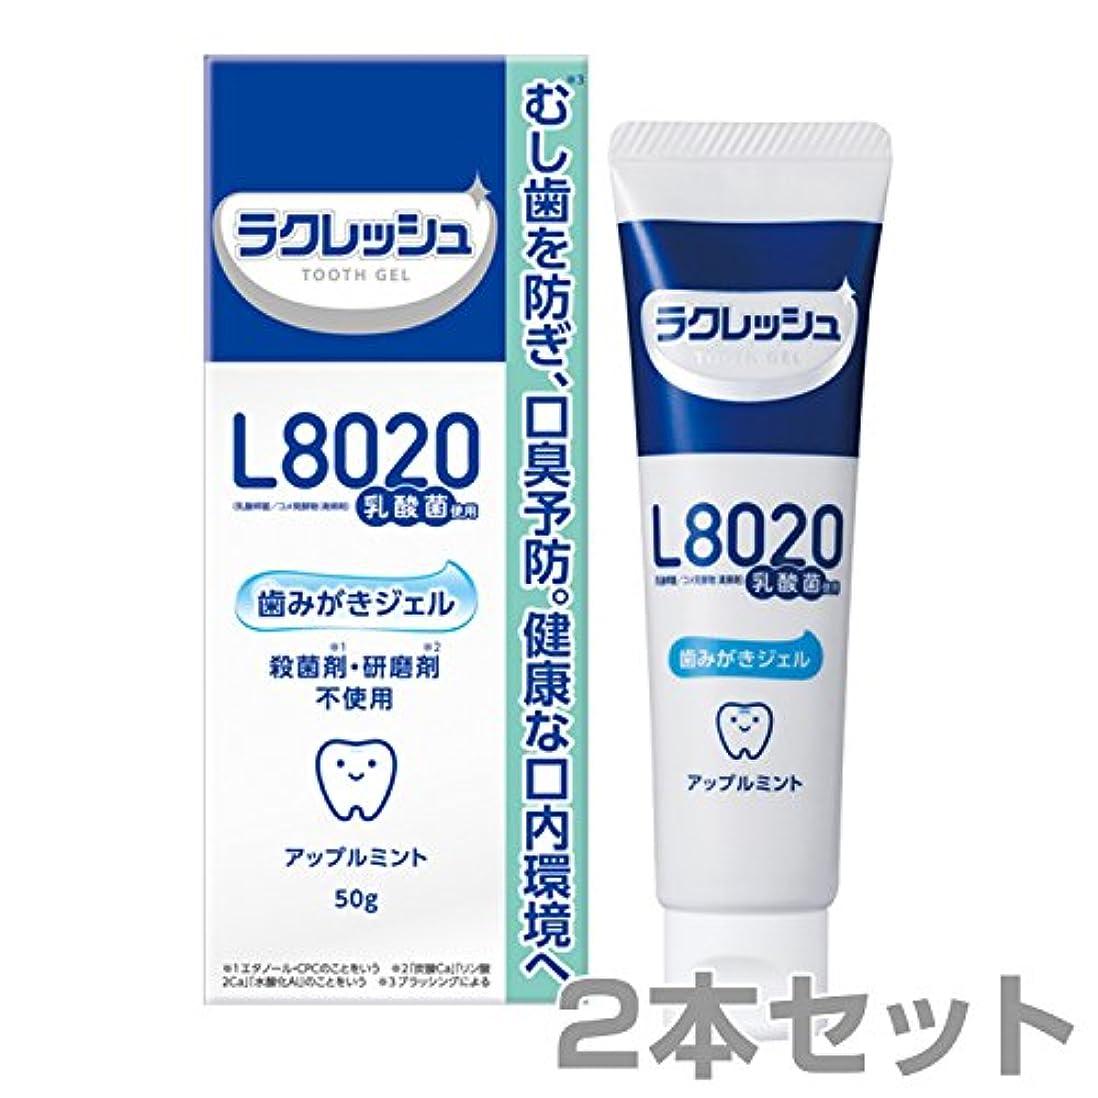 依存同僚タオルジェクス(JEX) ラクレッシュ L8020 乳酸菌 歯みがきジェル (50g) 2本セット アップルミント風味